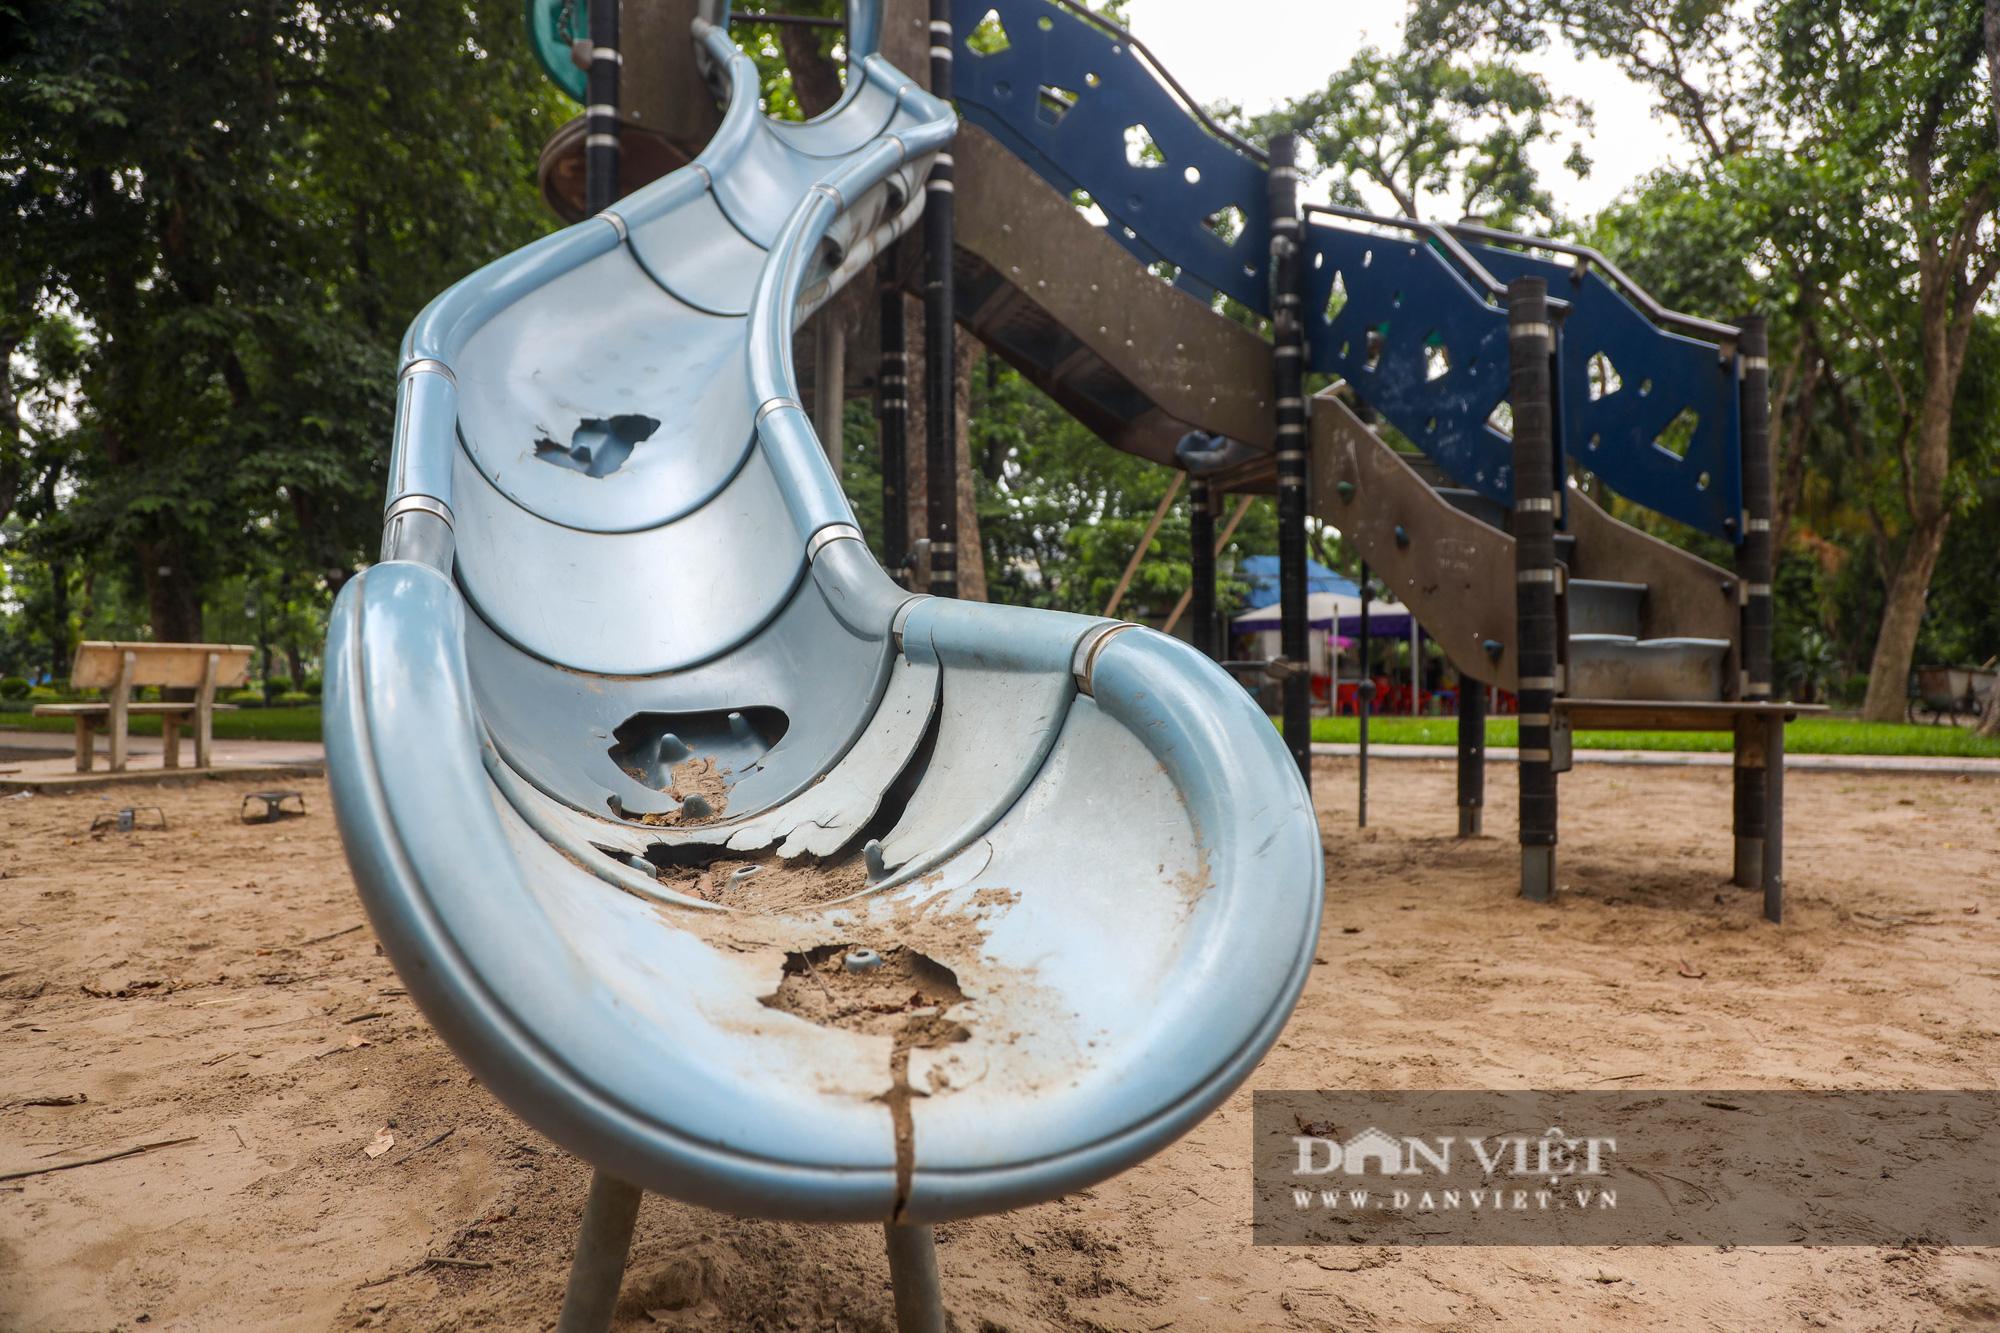 Hà Nội: Nhiều trò chơi trong công viên Thống Nhất ế ẩm, xuống cấp - Ảnh 7.